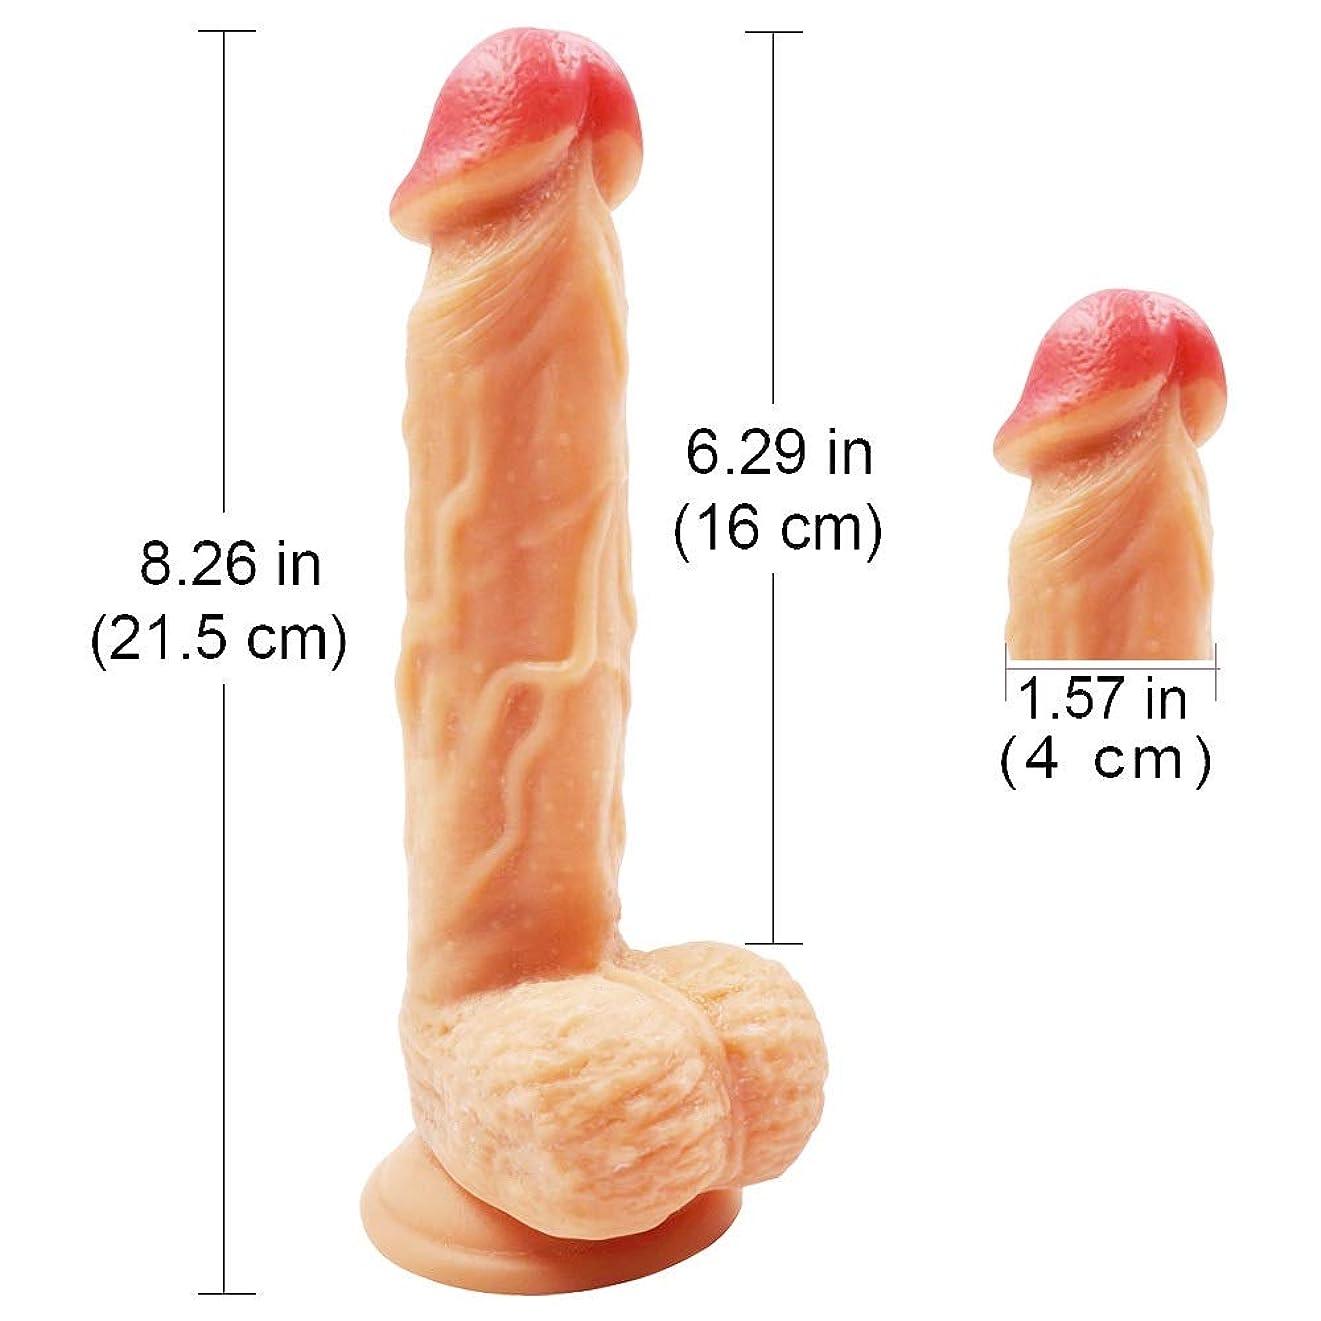 症状磨かれたラックYUQIUSHU 8.26インチ大規模なリアルなソフト防水シリコーンパーソナルリラックスマッサージツール用女性玩具 - 愛の道具 - 活気に満ちた玩具